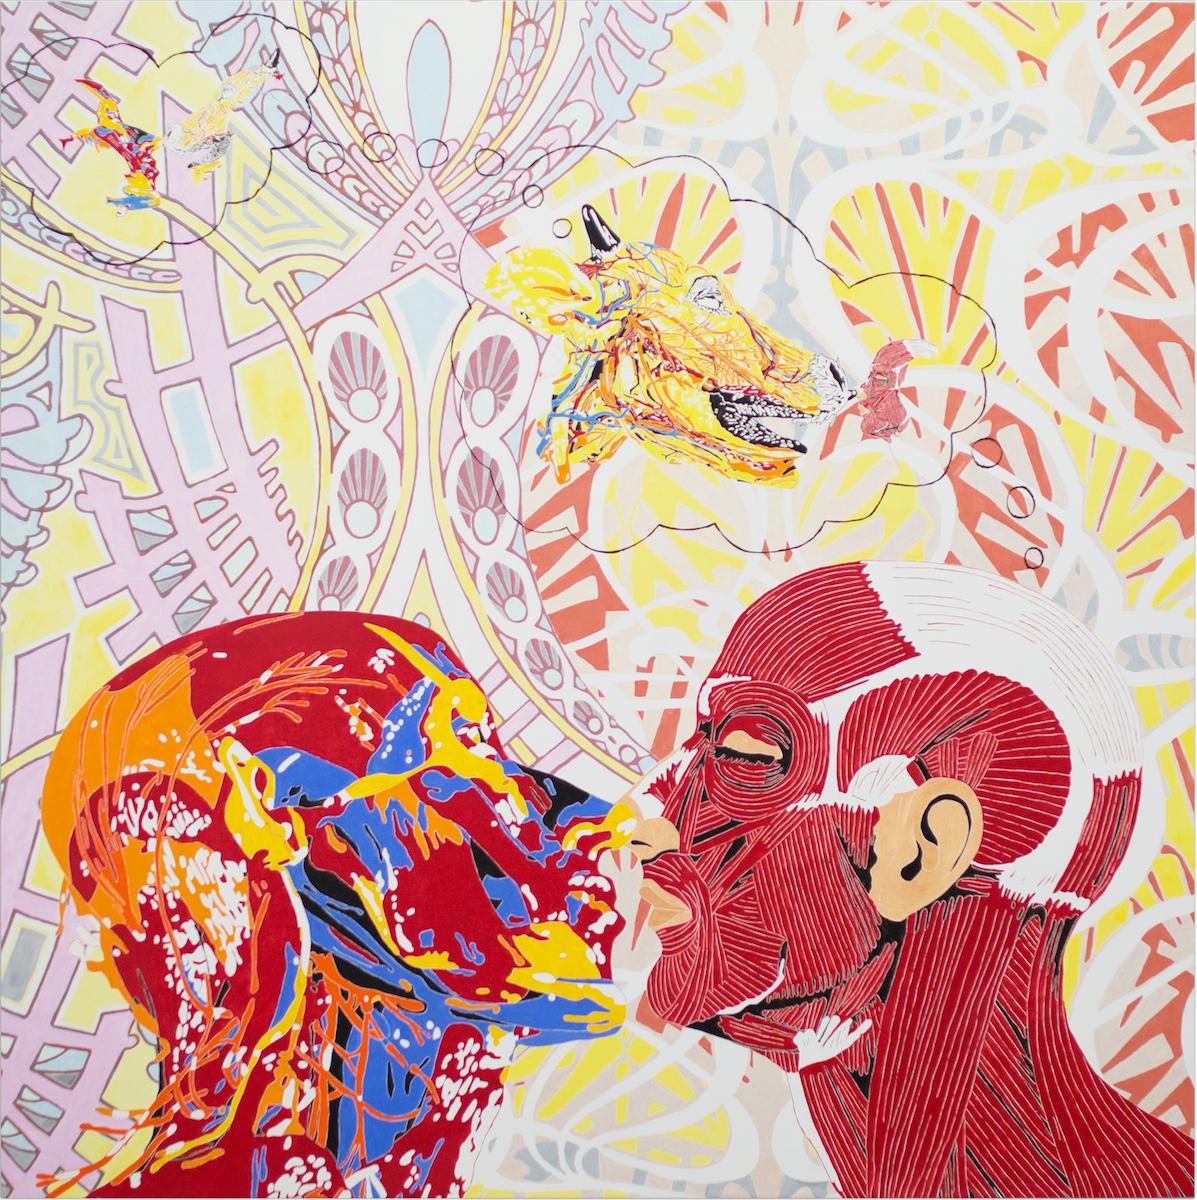 Maurizio Cannavacciuolo, Dreaming of Cheating, 2015, olio e smalto ad acqua su tela, cm 200x200